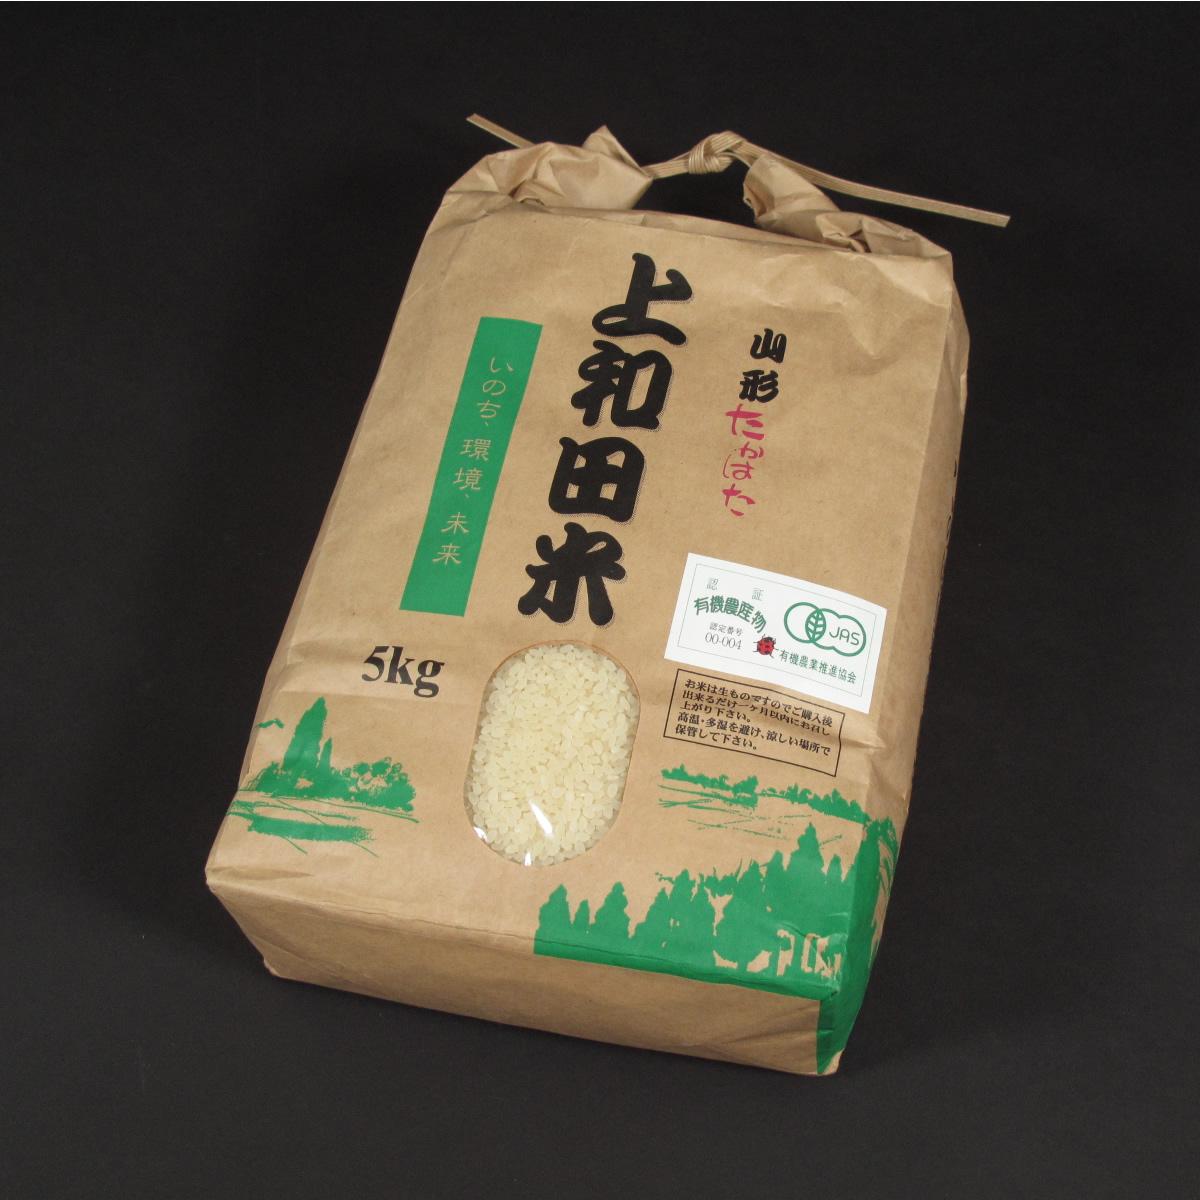 日本一美味しい米を作る遠藤五一さんの 無農薬 JAS有機栽培 コシヒカリ 白米 5kg 【30年産特A米】【楽ギフ_のし】